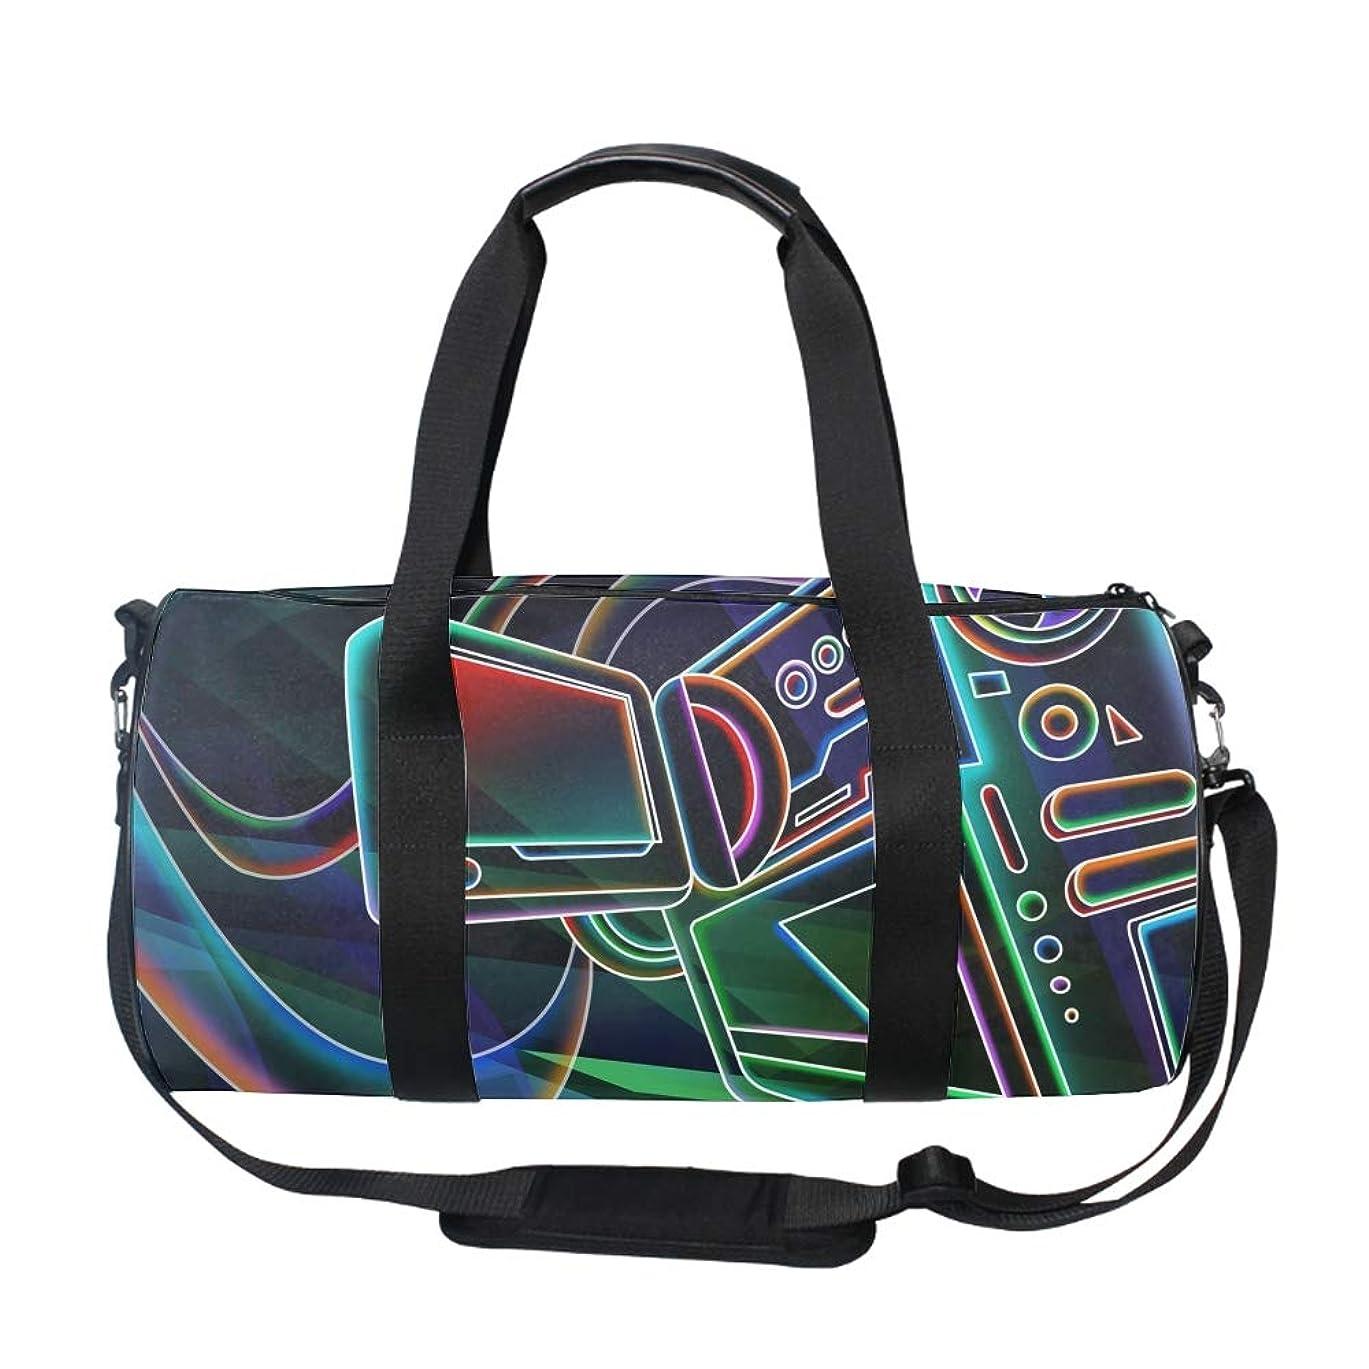 持つぺディカブくドラムバッグ 筒型 ボストンバッグ ダッフルバッグ 旅行かばん 3Dパターン